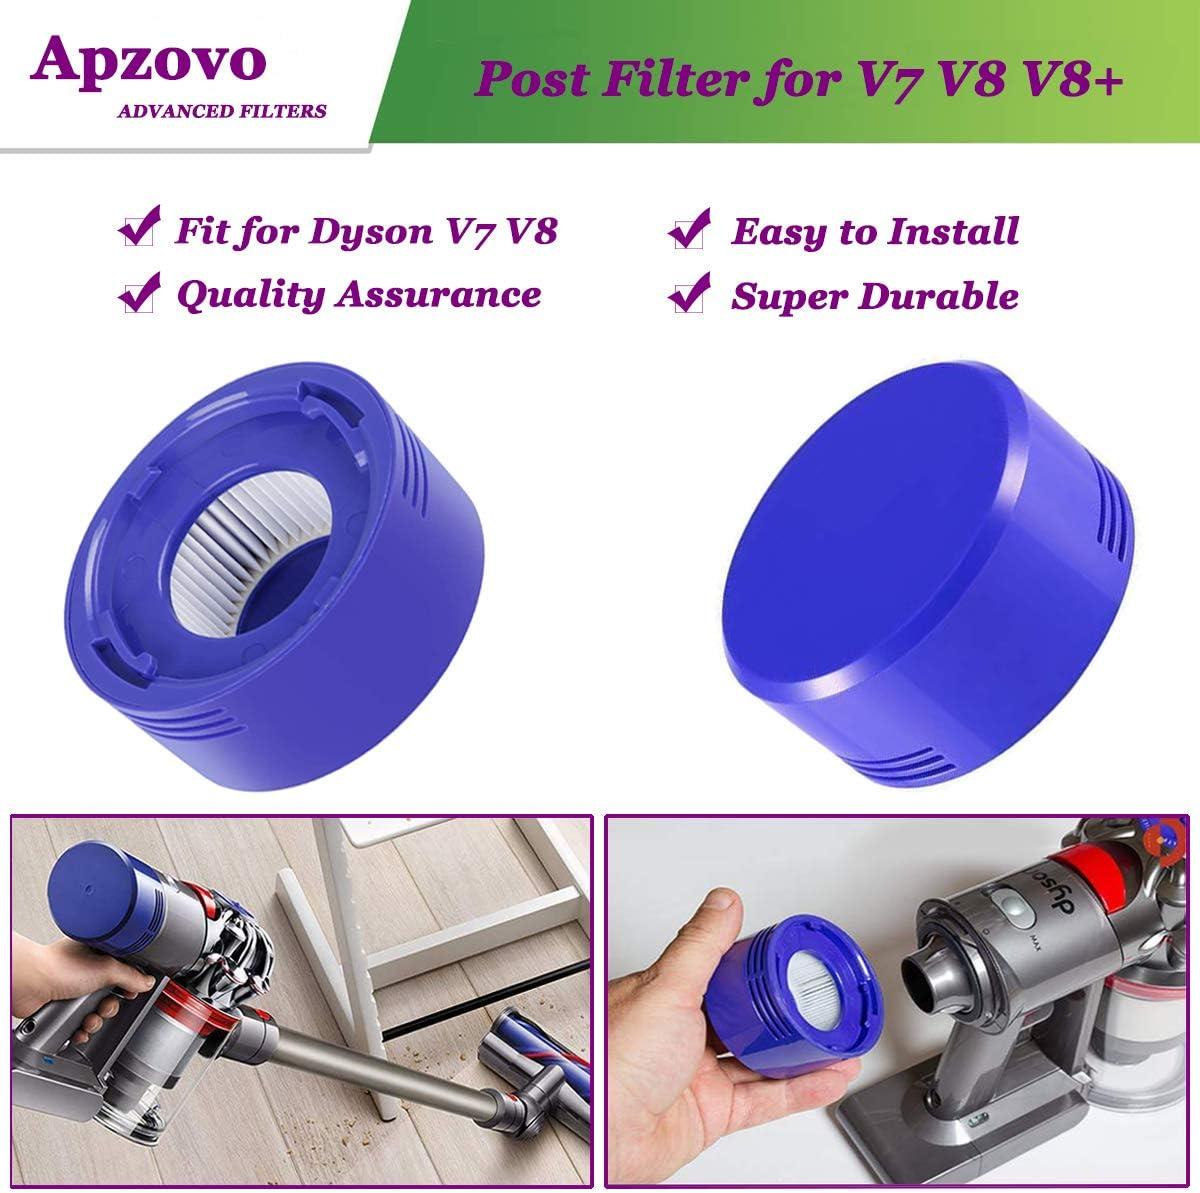 Filtros de Repuesto Lavables para Dyson Aspiradora Inalámbrica V7 V8 Animal y Absolute, 2PCS Pre Motor Filtros, 2PCS Post Motor HEPA Filtros y 1PC Herramienta de Limpiar: Amazon.es: Hogar